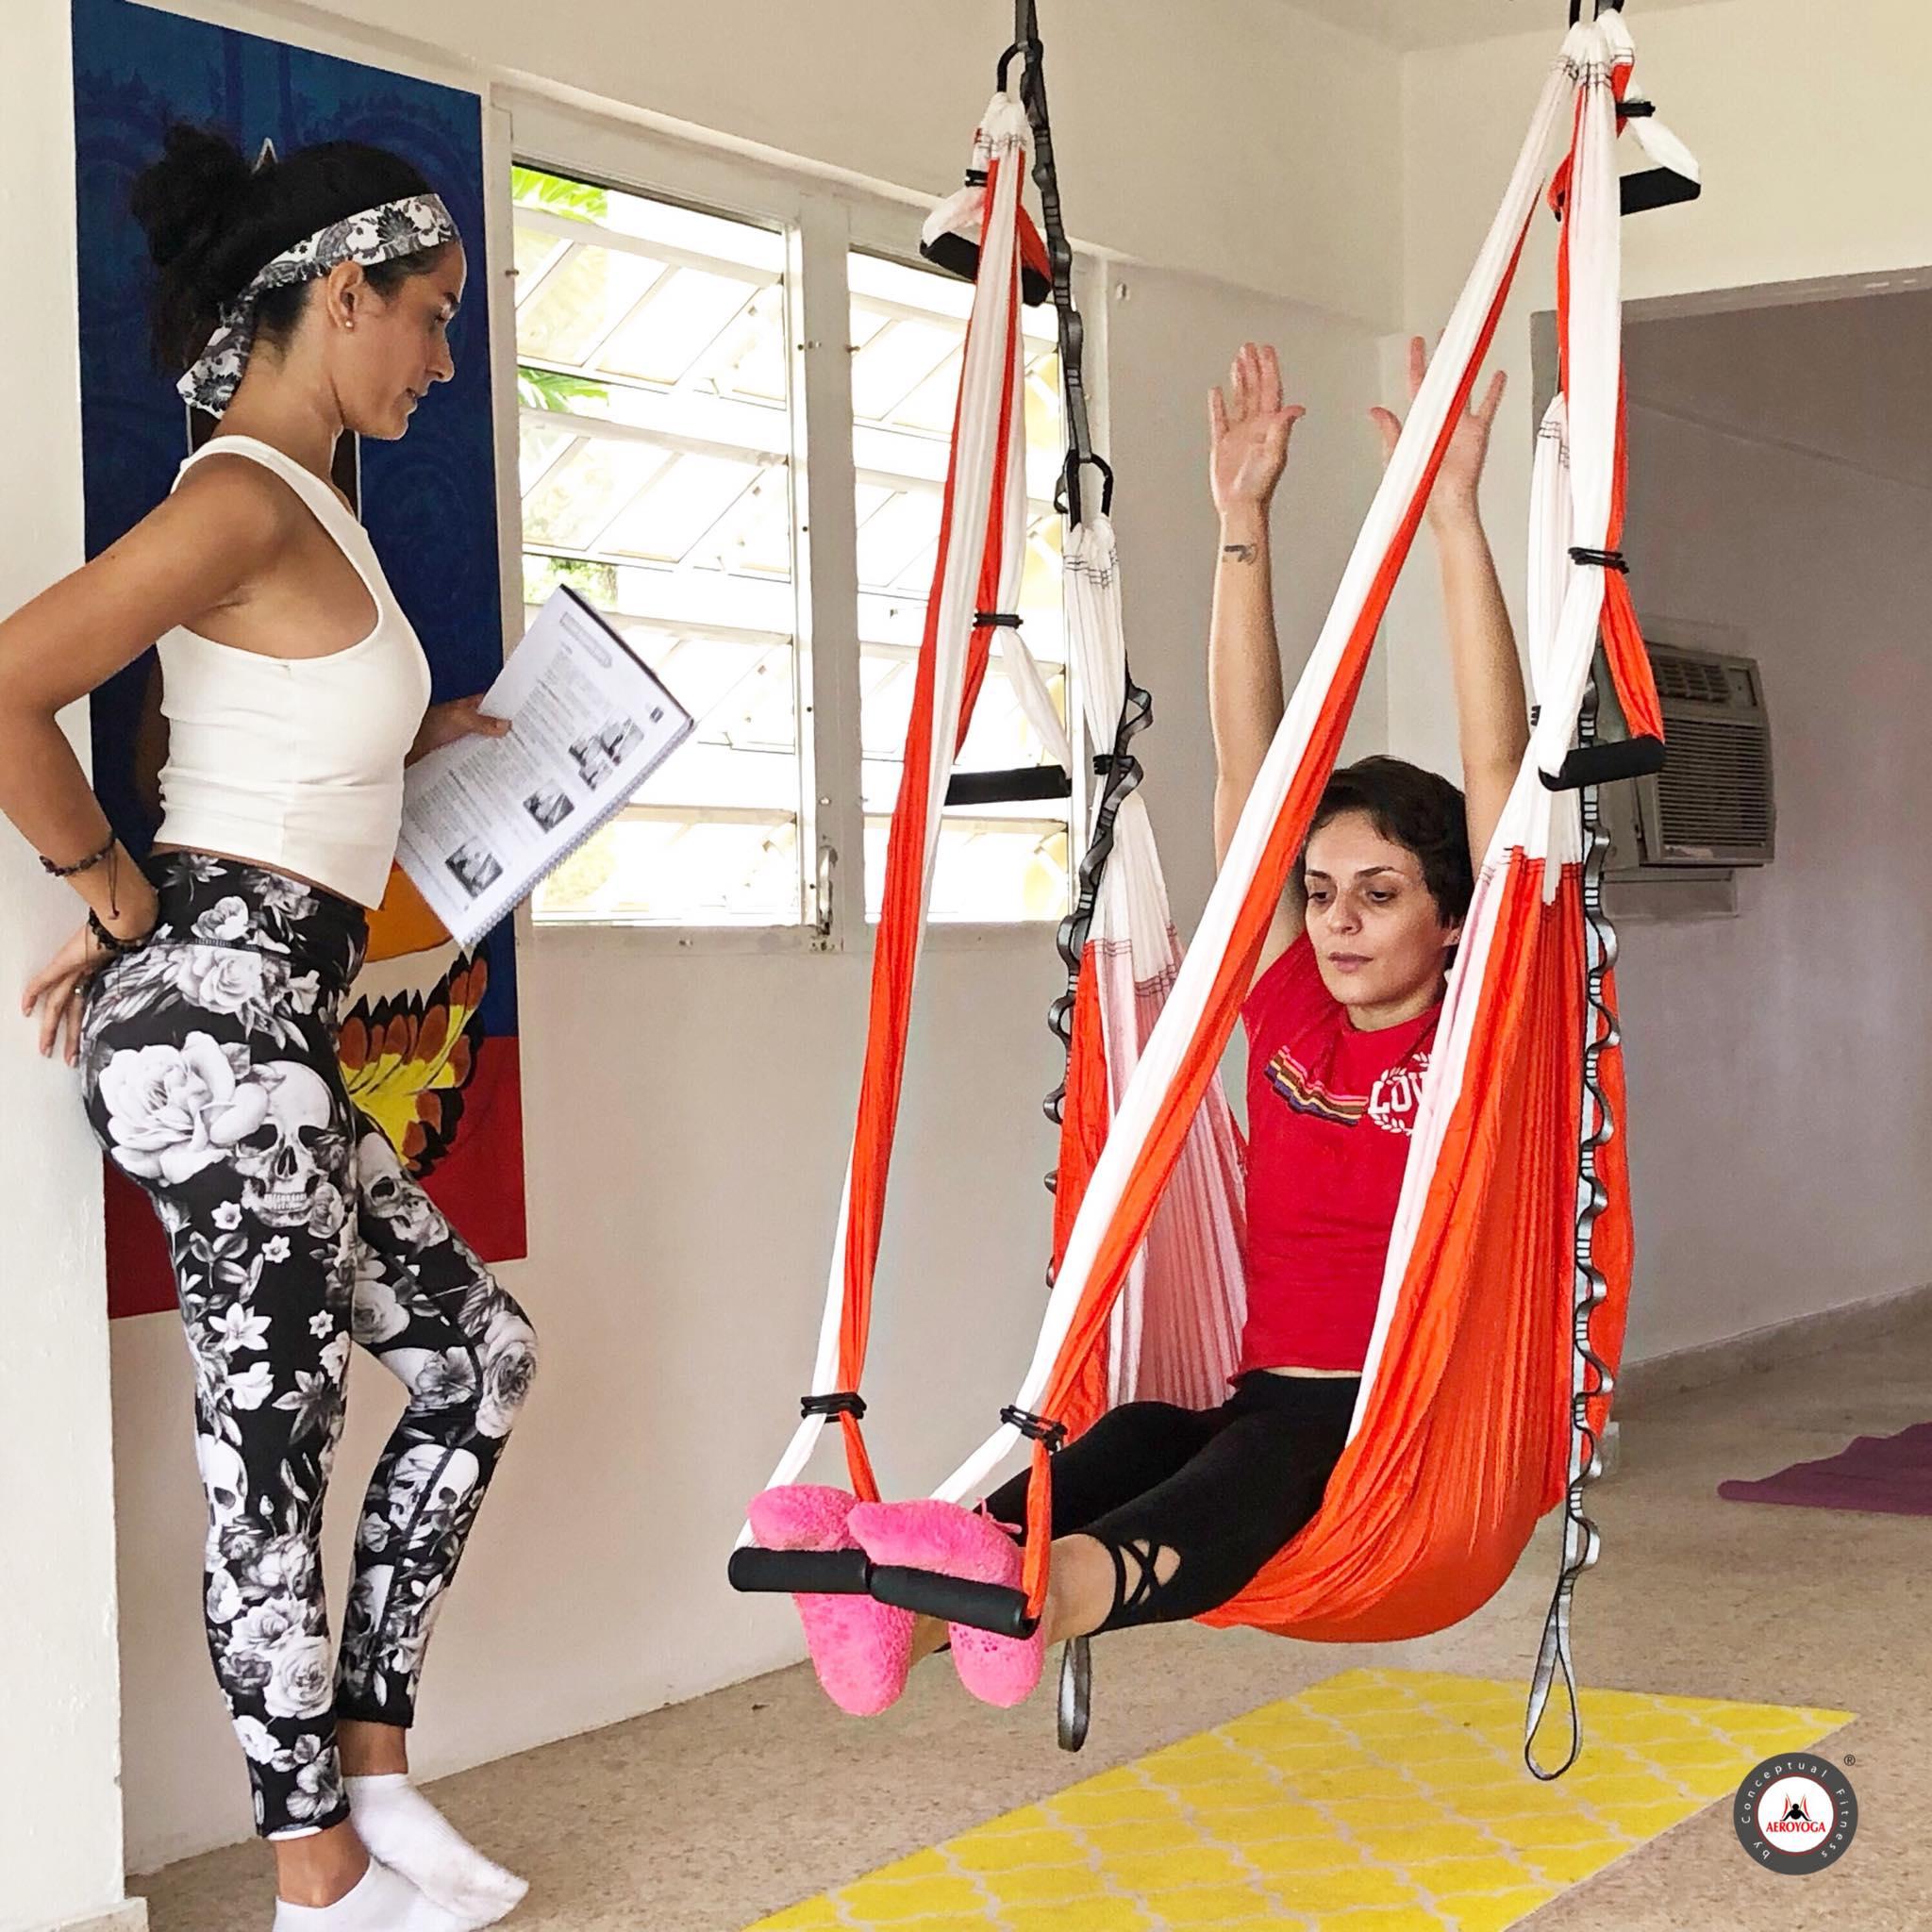 Curso Profesores Yoga Aéreo en Puerto Rico, con AeroYoga®, Air Yoga!